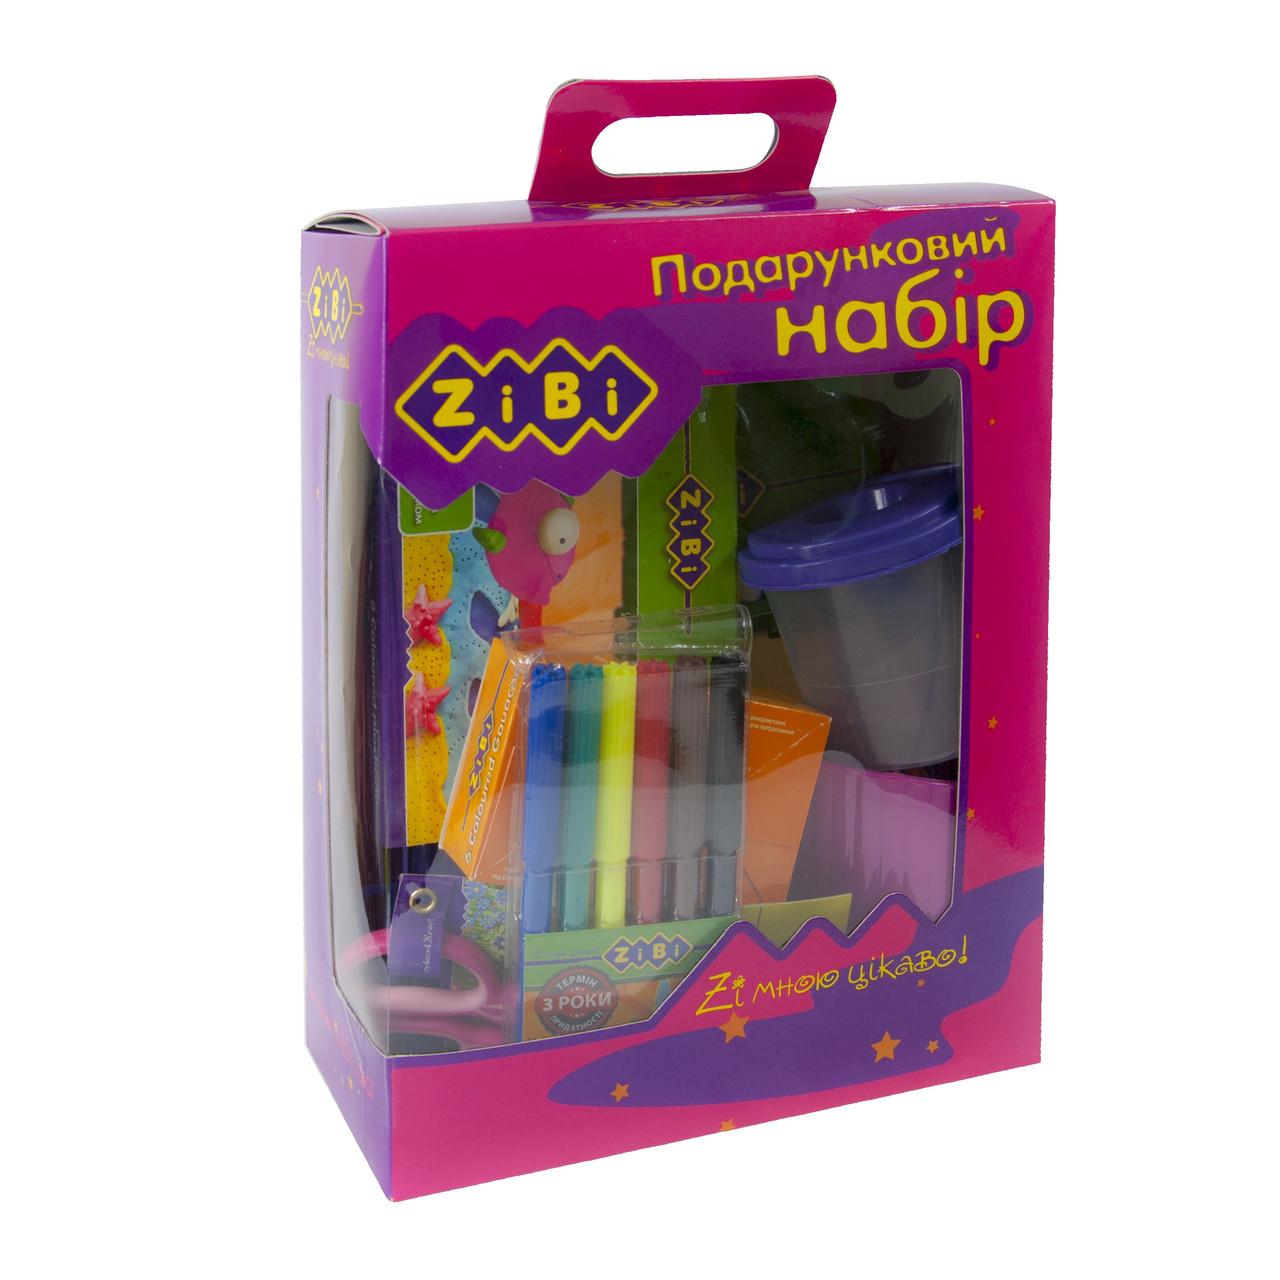 Подарочный набор для детского творчества, 13 предметов, розовый, ZIBI, ZB.9920-10, 992010